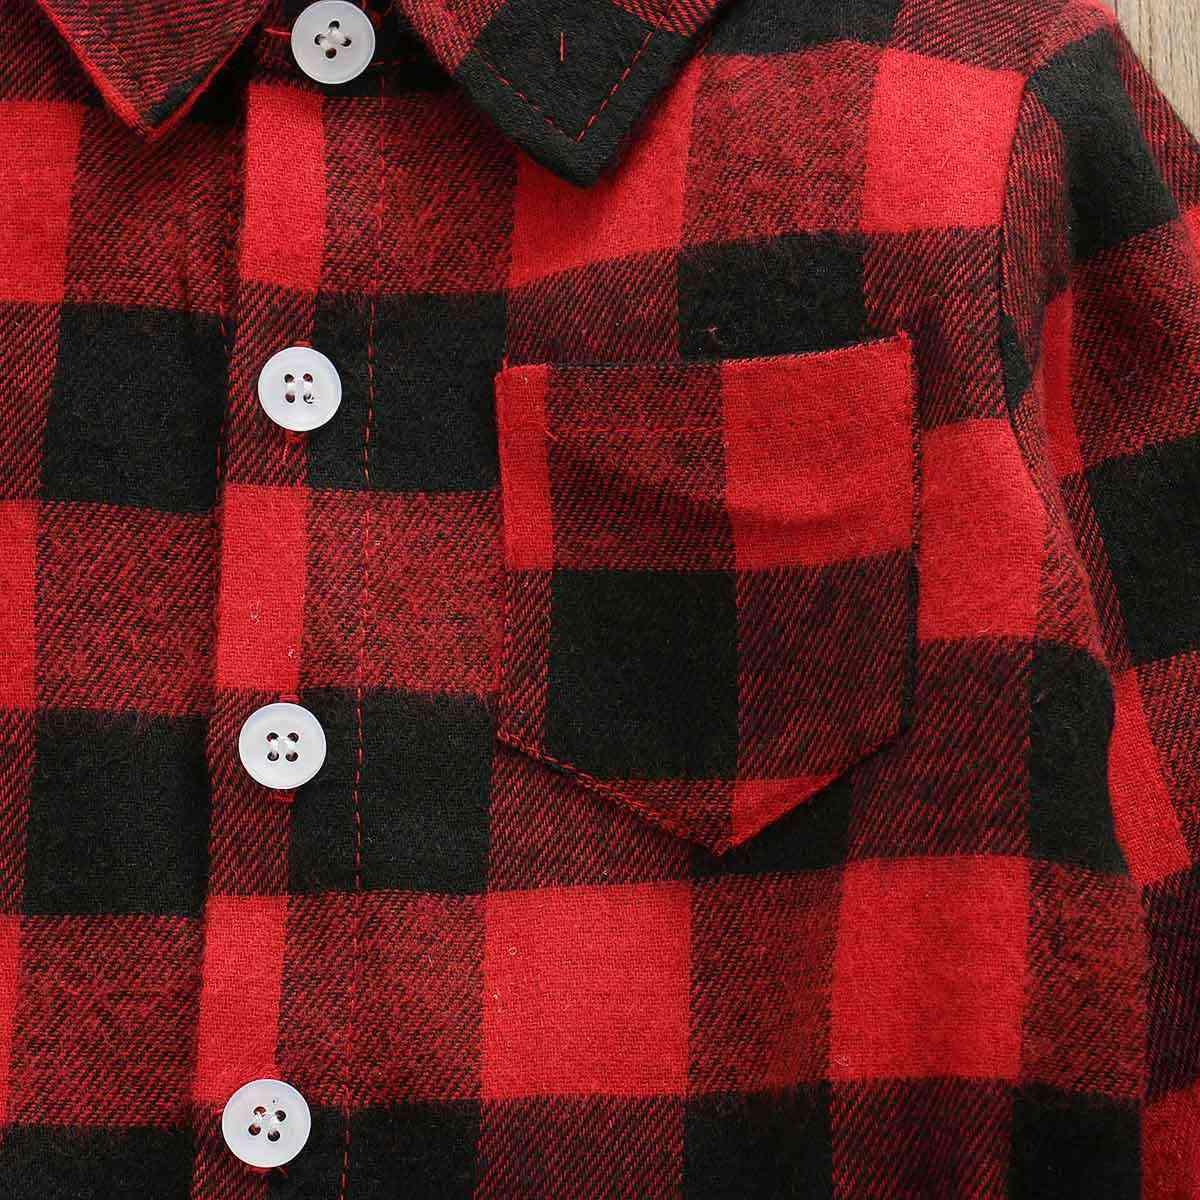 ファッションクリスマス幼児長袖ベビー少年少女のバック文字のプリントチェック柄ブラウスは秋の冬のコート 1-6T